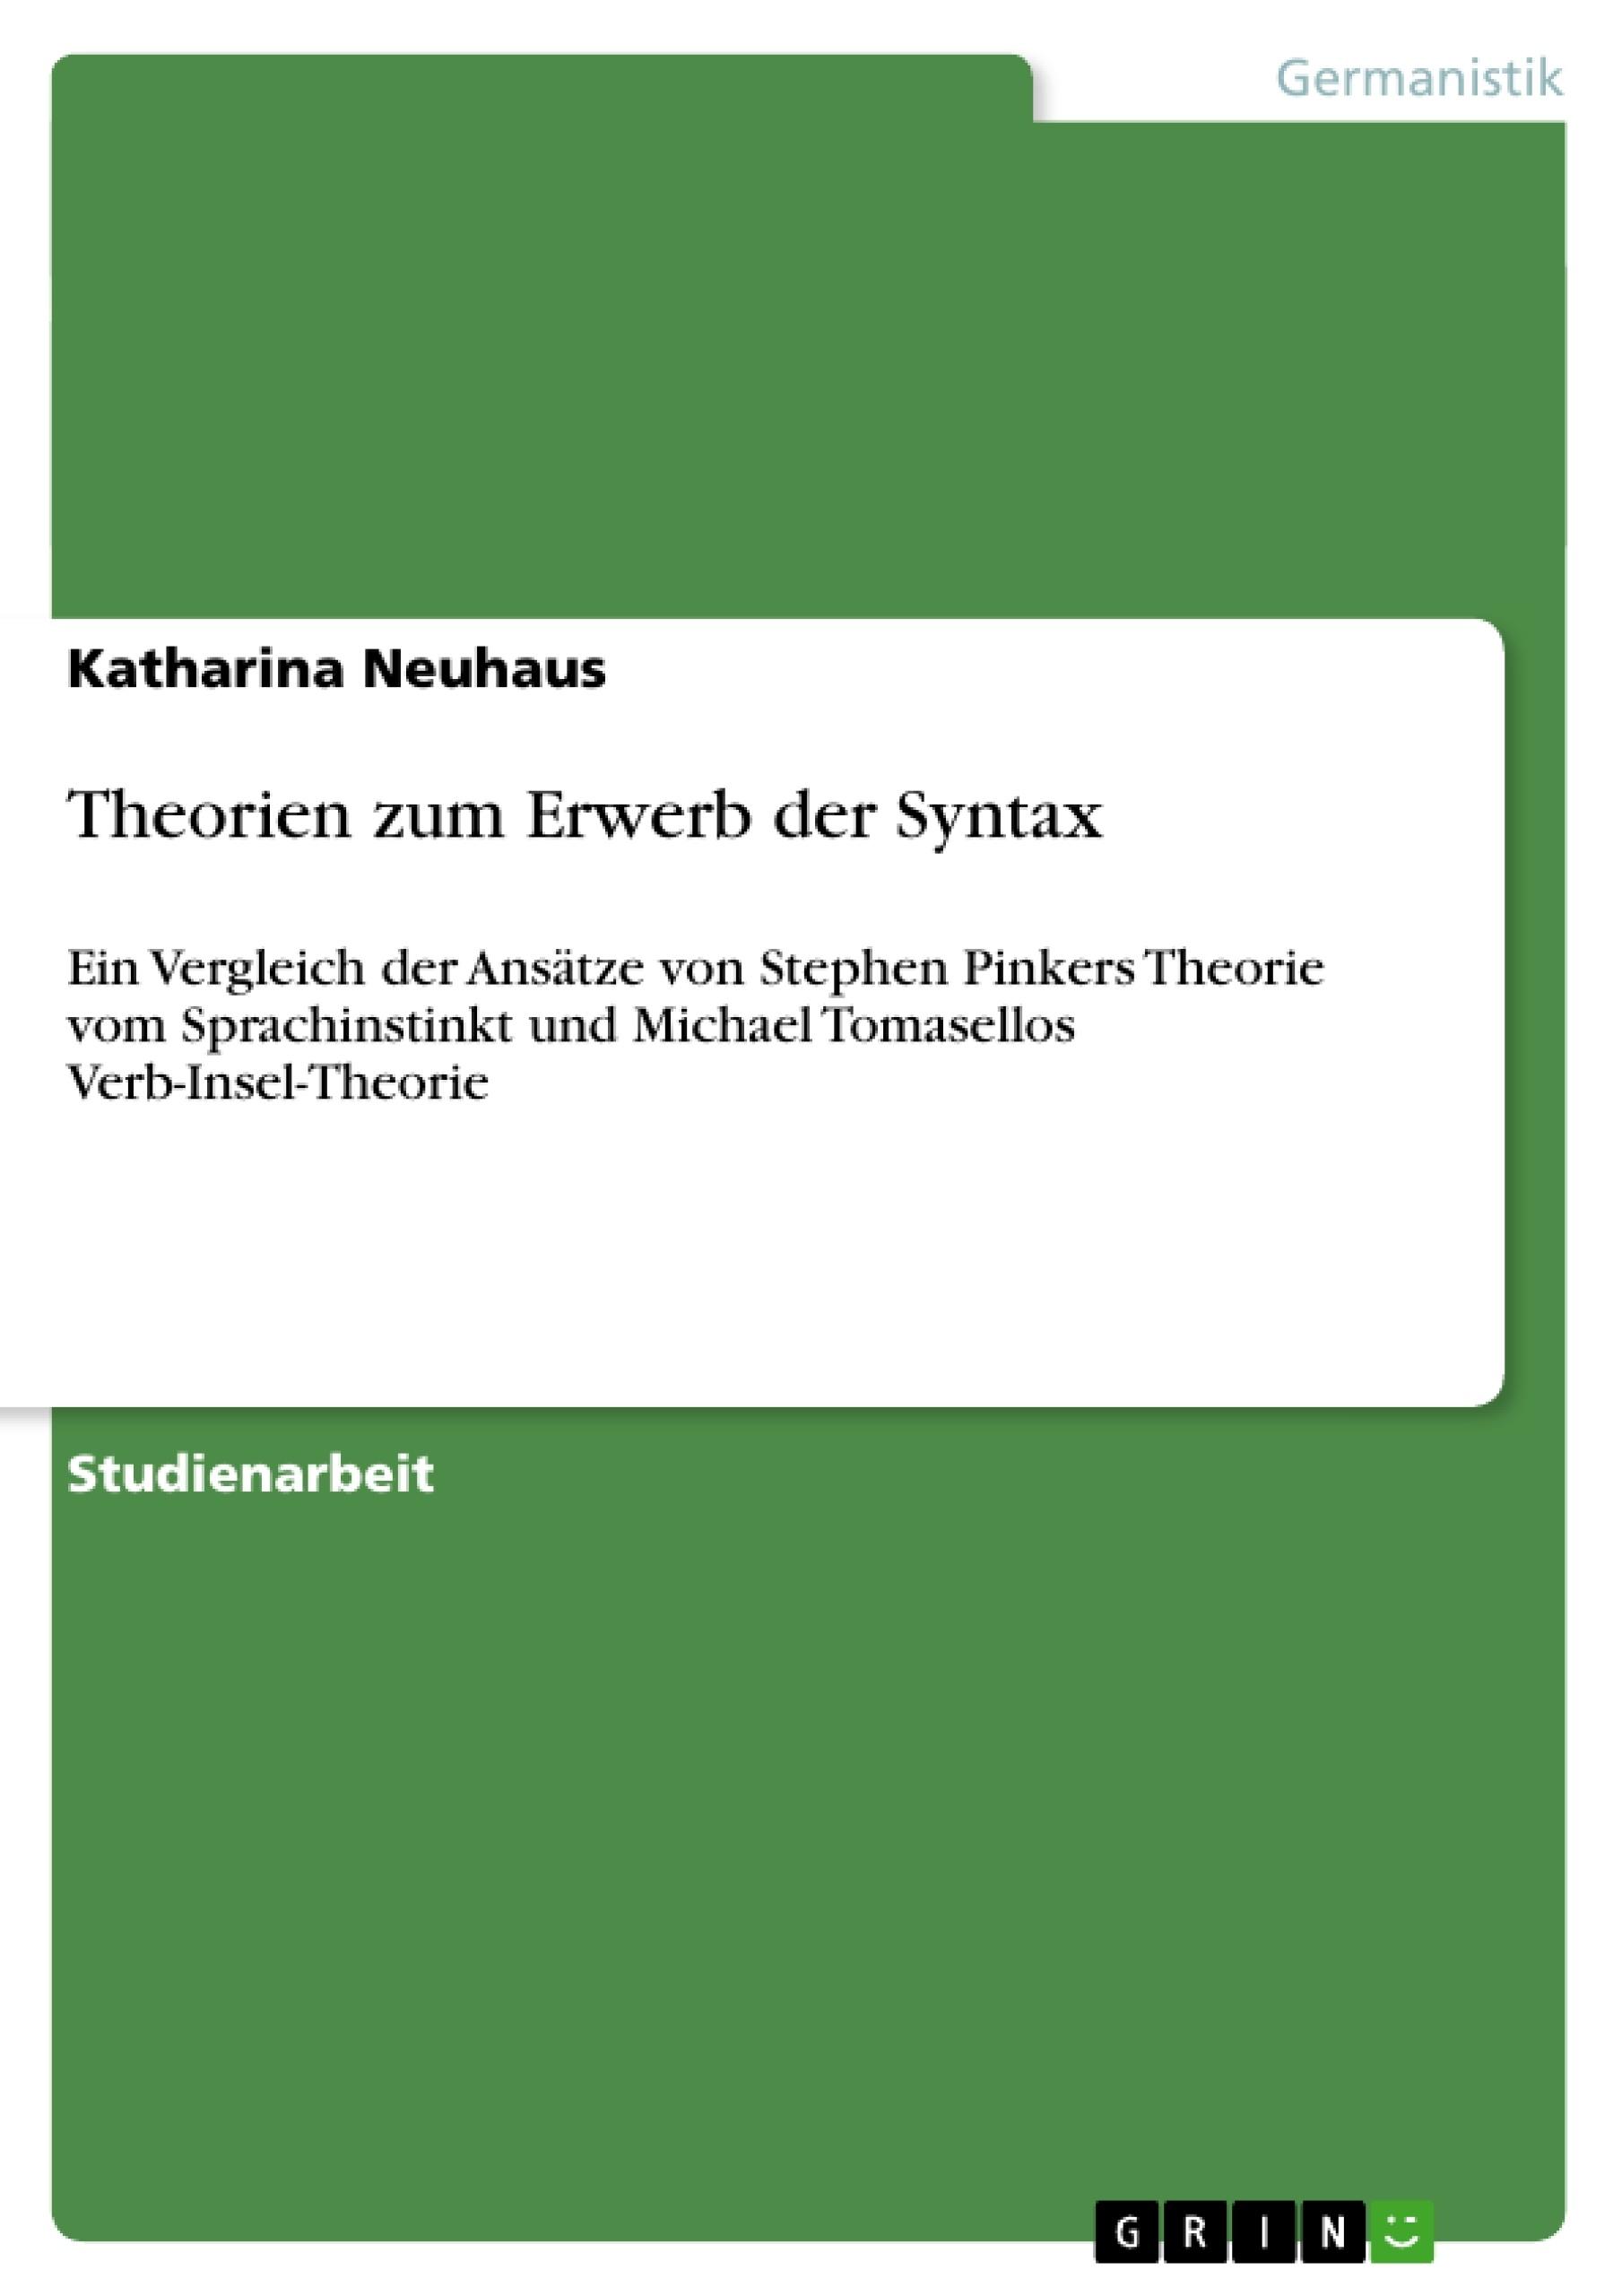 Titel: Theorien zum Erwerb der Syntax